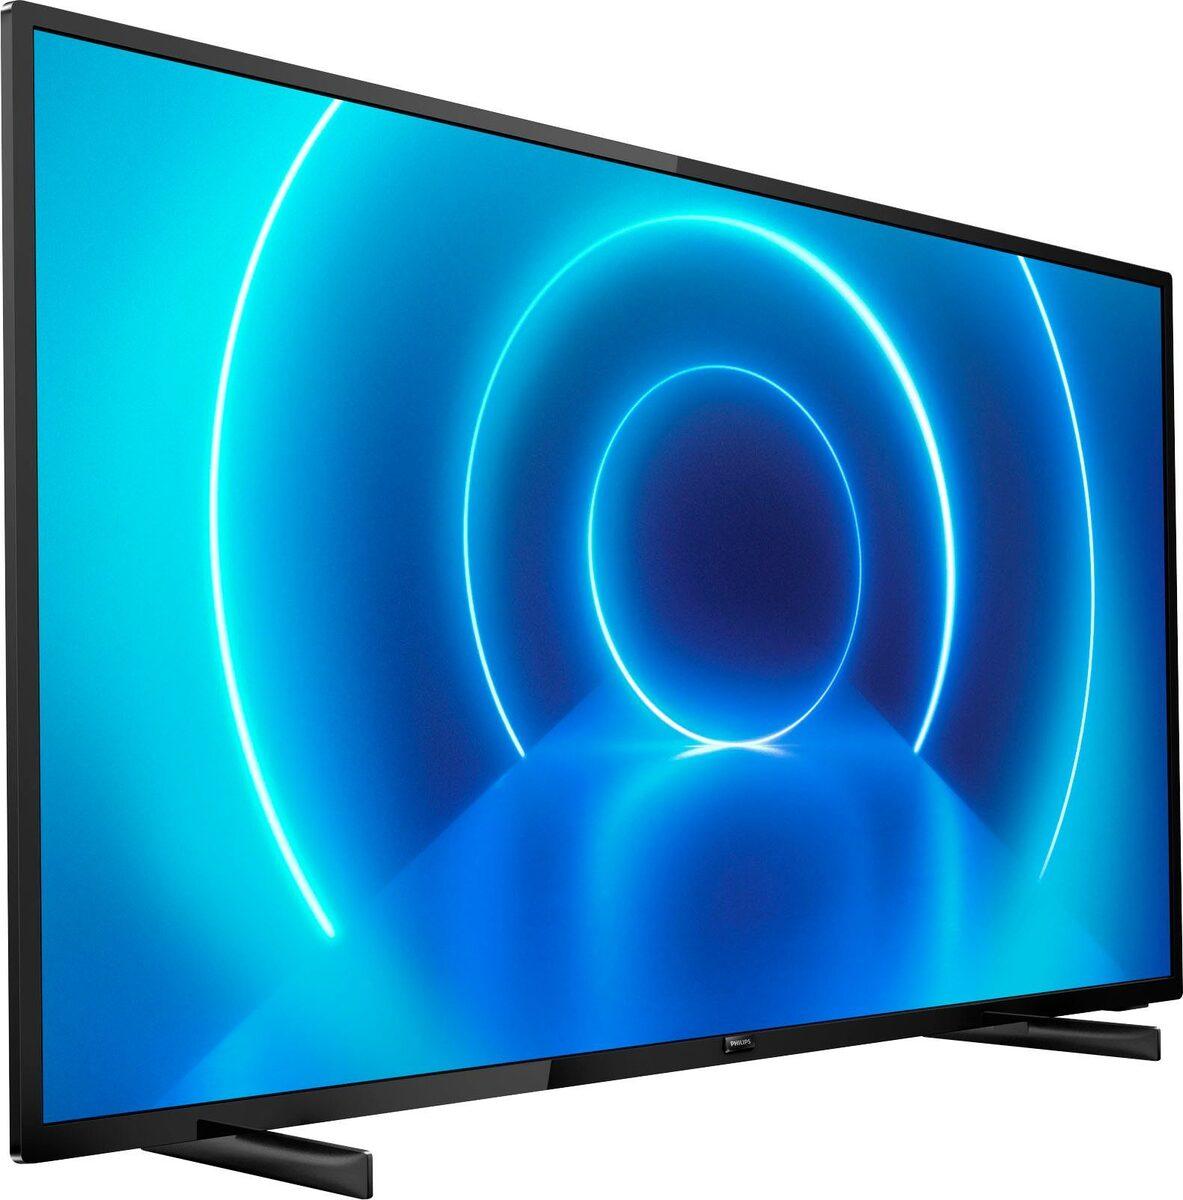 Bild 2 von Philips 70PUS7505 LED-Fernseher (178 cm/70 Zoll, 4K Ultra HD, Smart-TV)